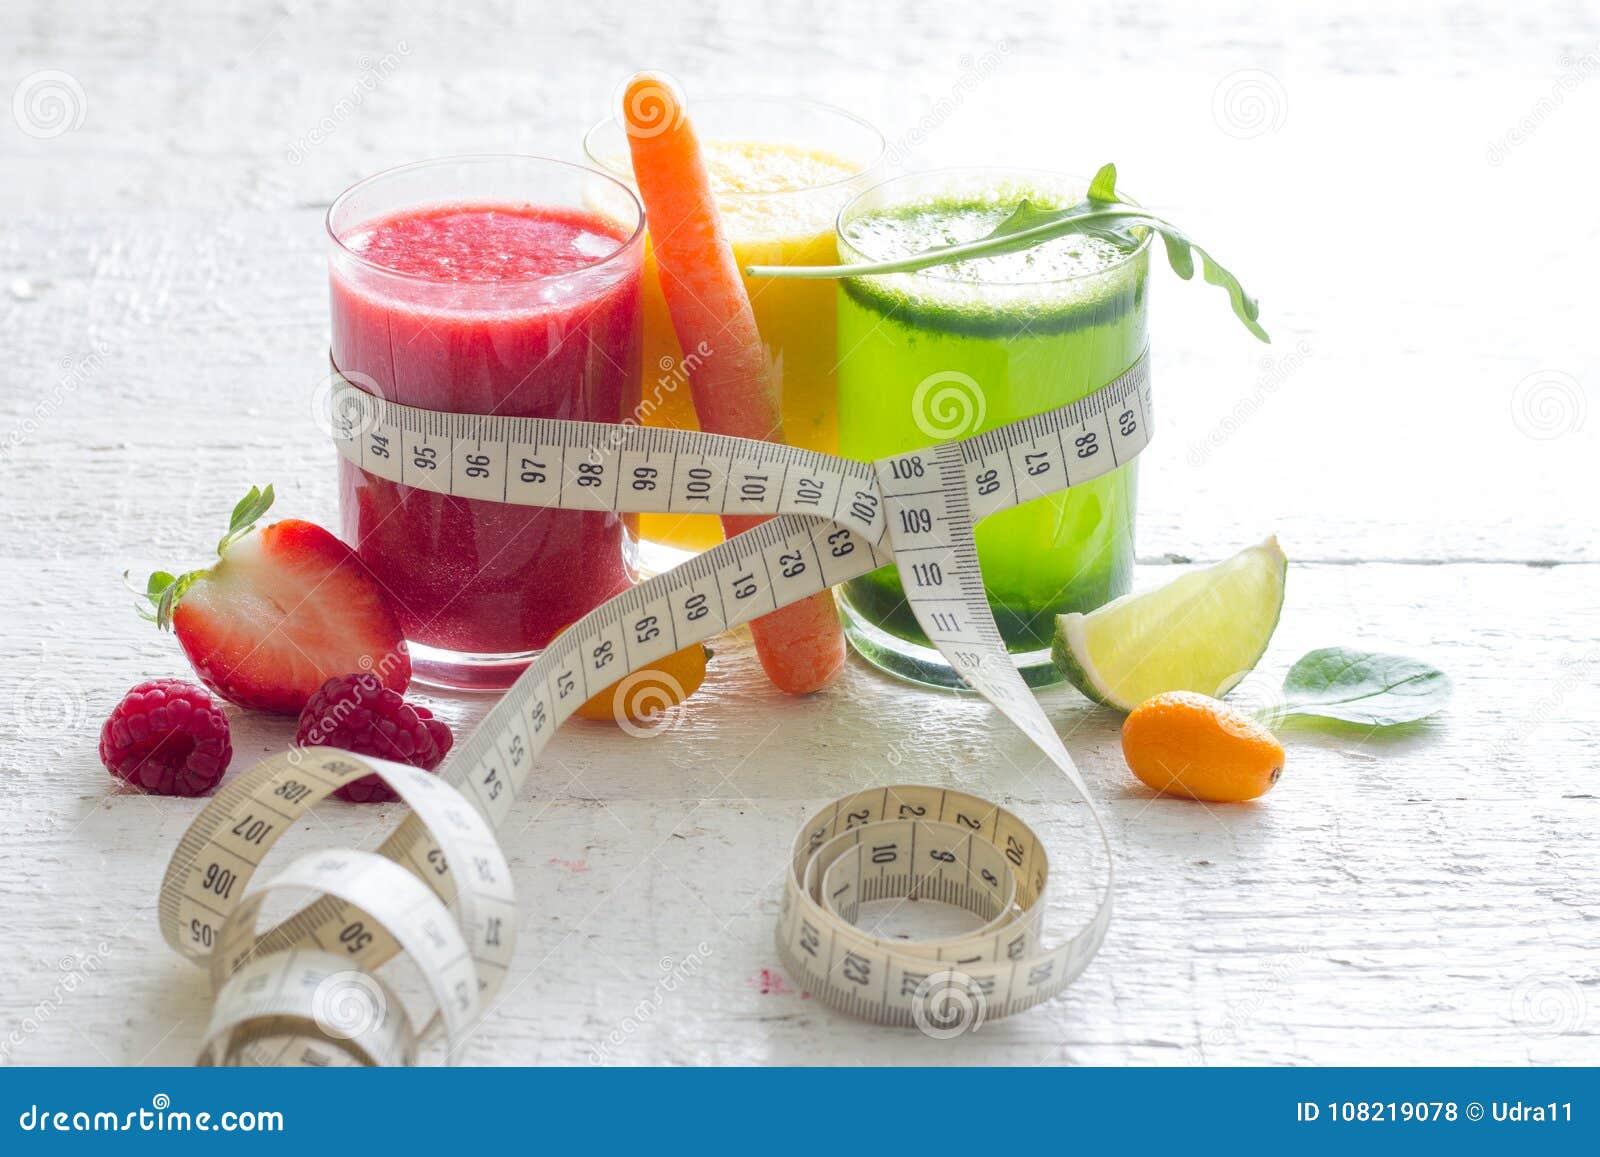 Dieta con jugos de frutas y verduras